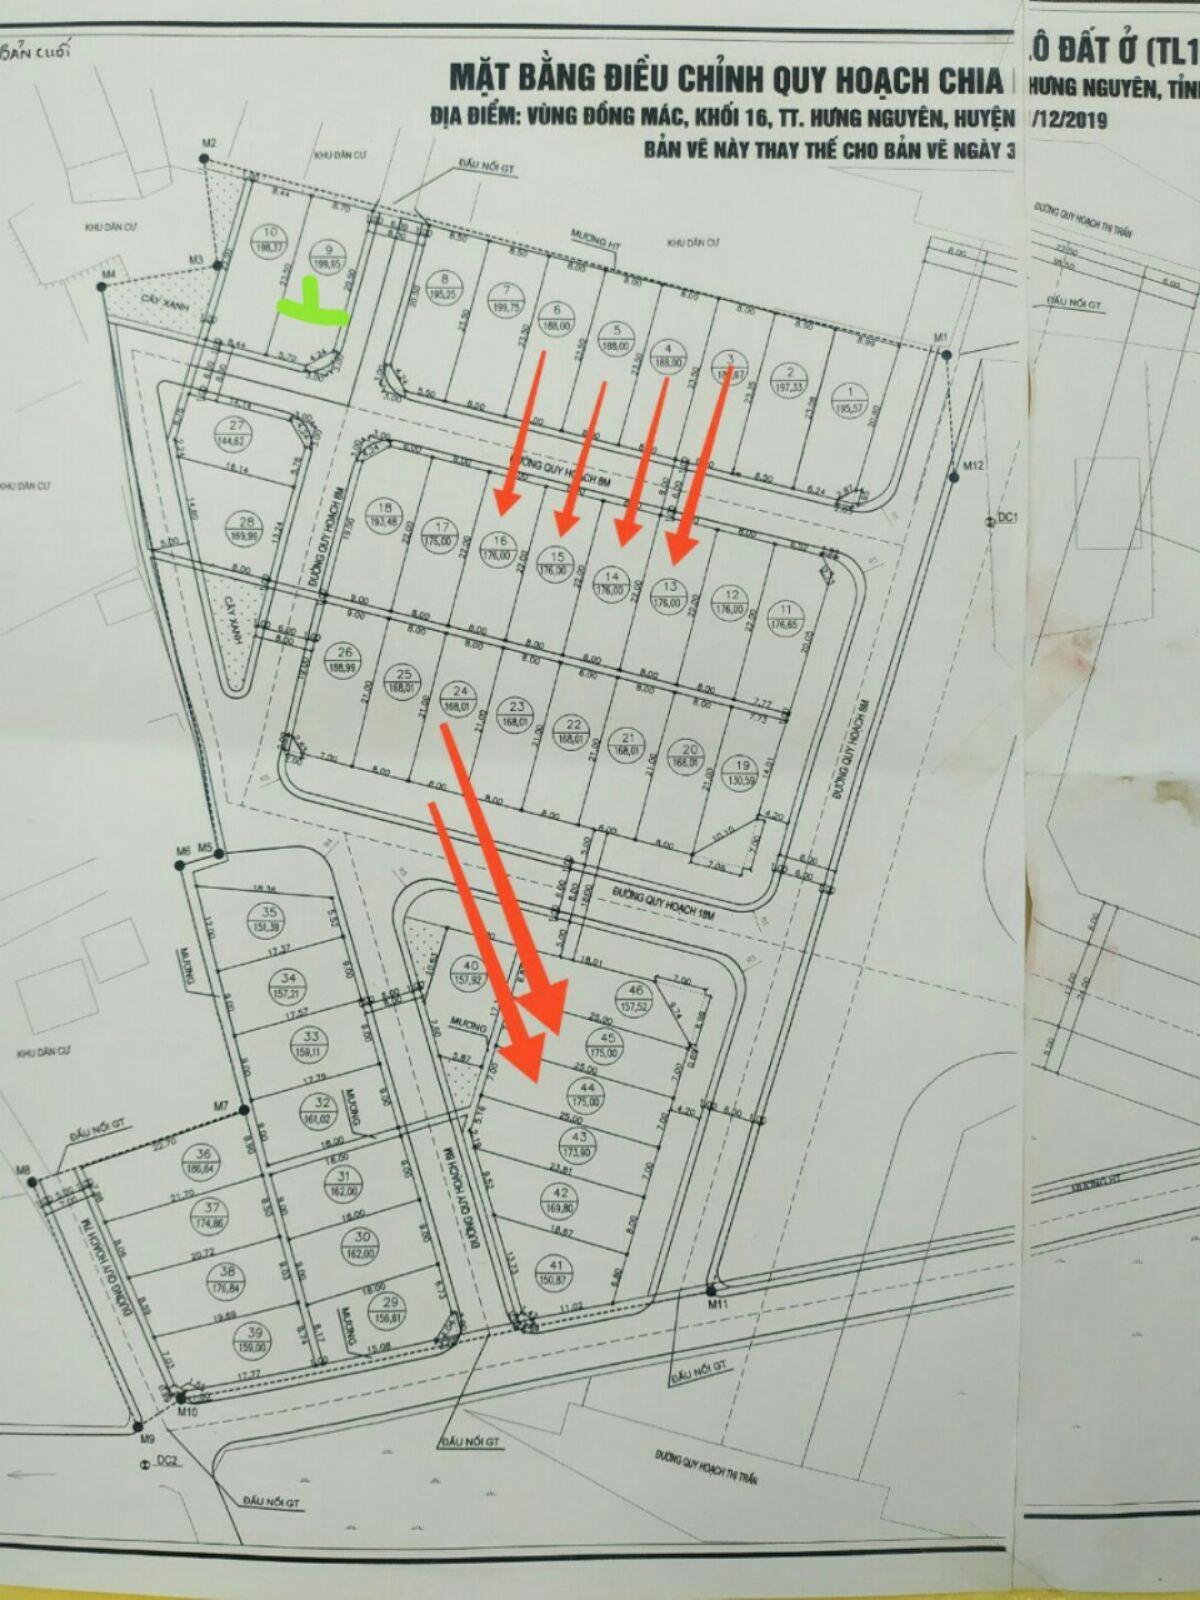 Cần bán Đất đường Quốc lộ 46, Thị trấn Hưng Nguyên, Diện tích 199.95m², Giá 2.380 Tỷ - LH: 0961429986